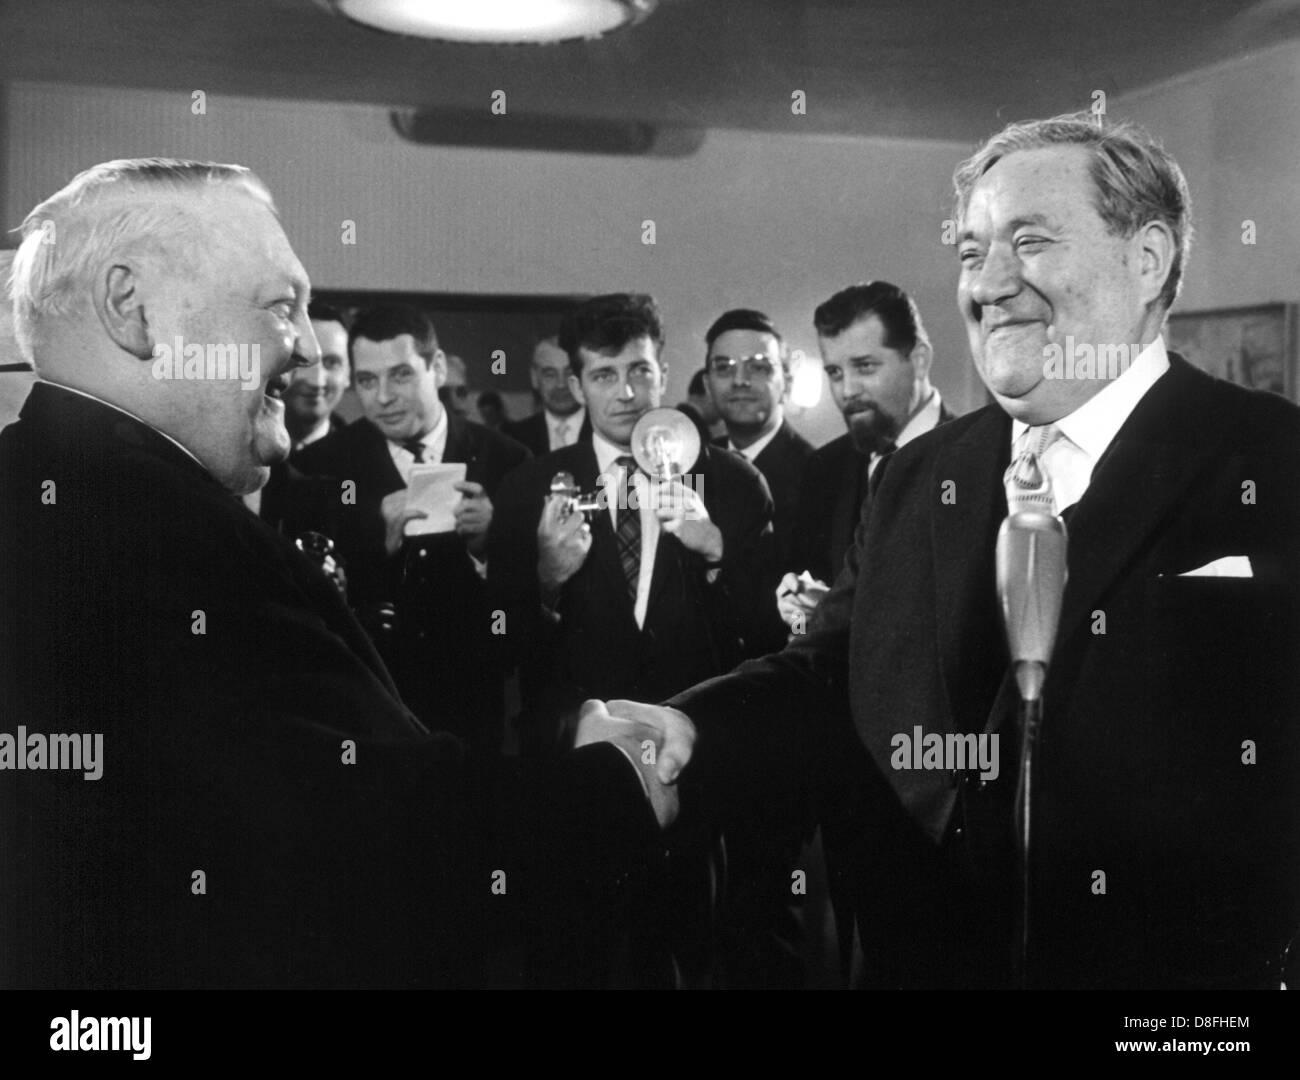 Vice-président du Bundestag allemand Carlo Schmid (r) félicite le ministre fédéral de l'Économie Ludwig Erhard sur tardive son 65 e anniversaire le 5 février en 1962. Banque D'Images